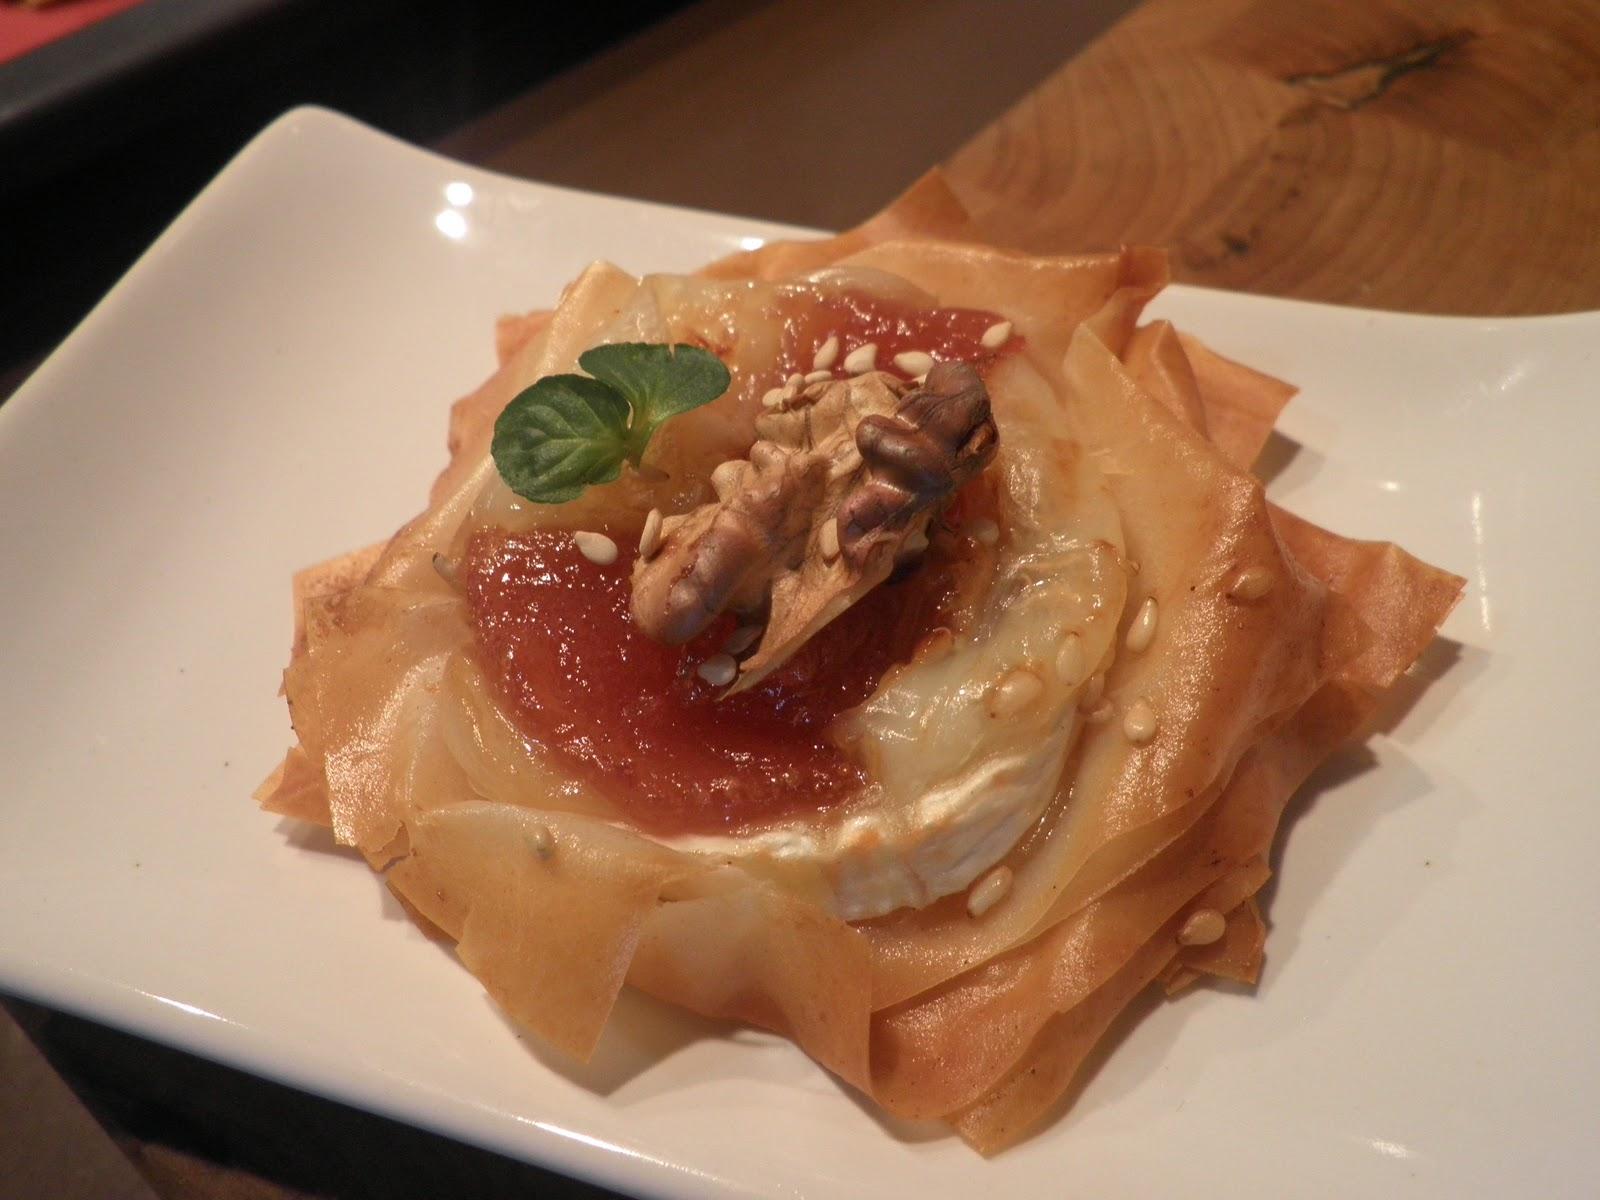 Comer y rascar flores de queso y membrillo - Que hacer con la pasta filo ...